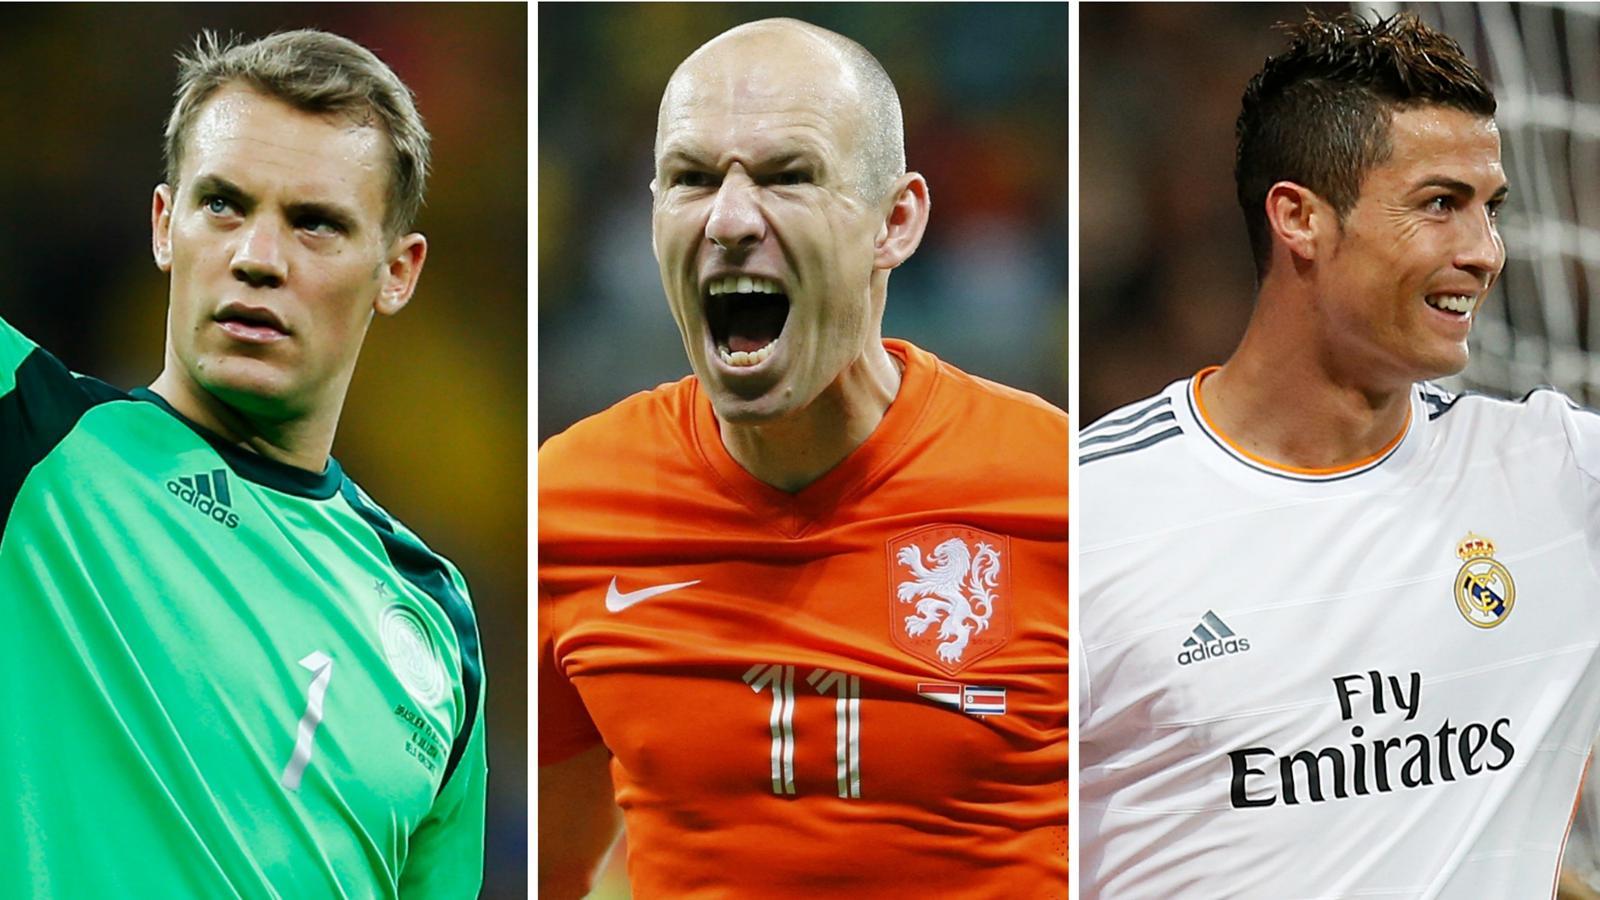 Neuer, Robben, Ronaldo : qui succédera à Ribéry pour le titre de joueur UEFA ?